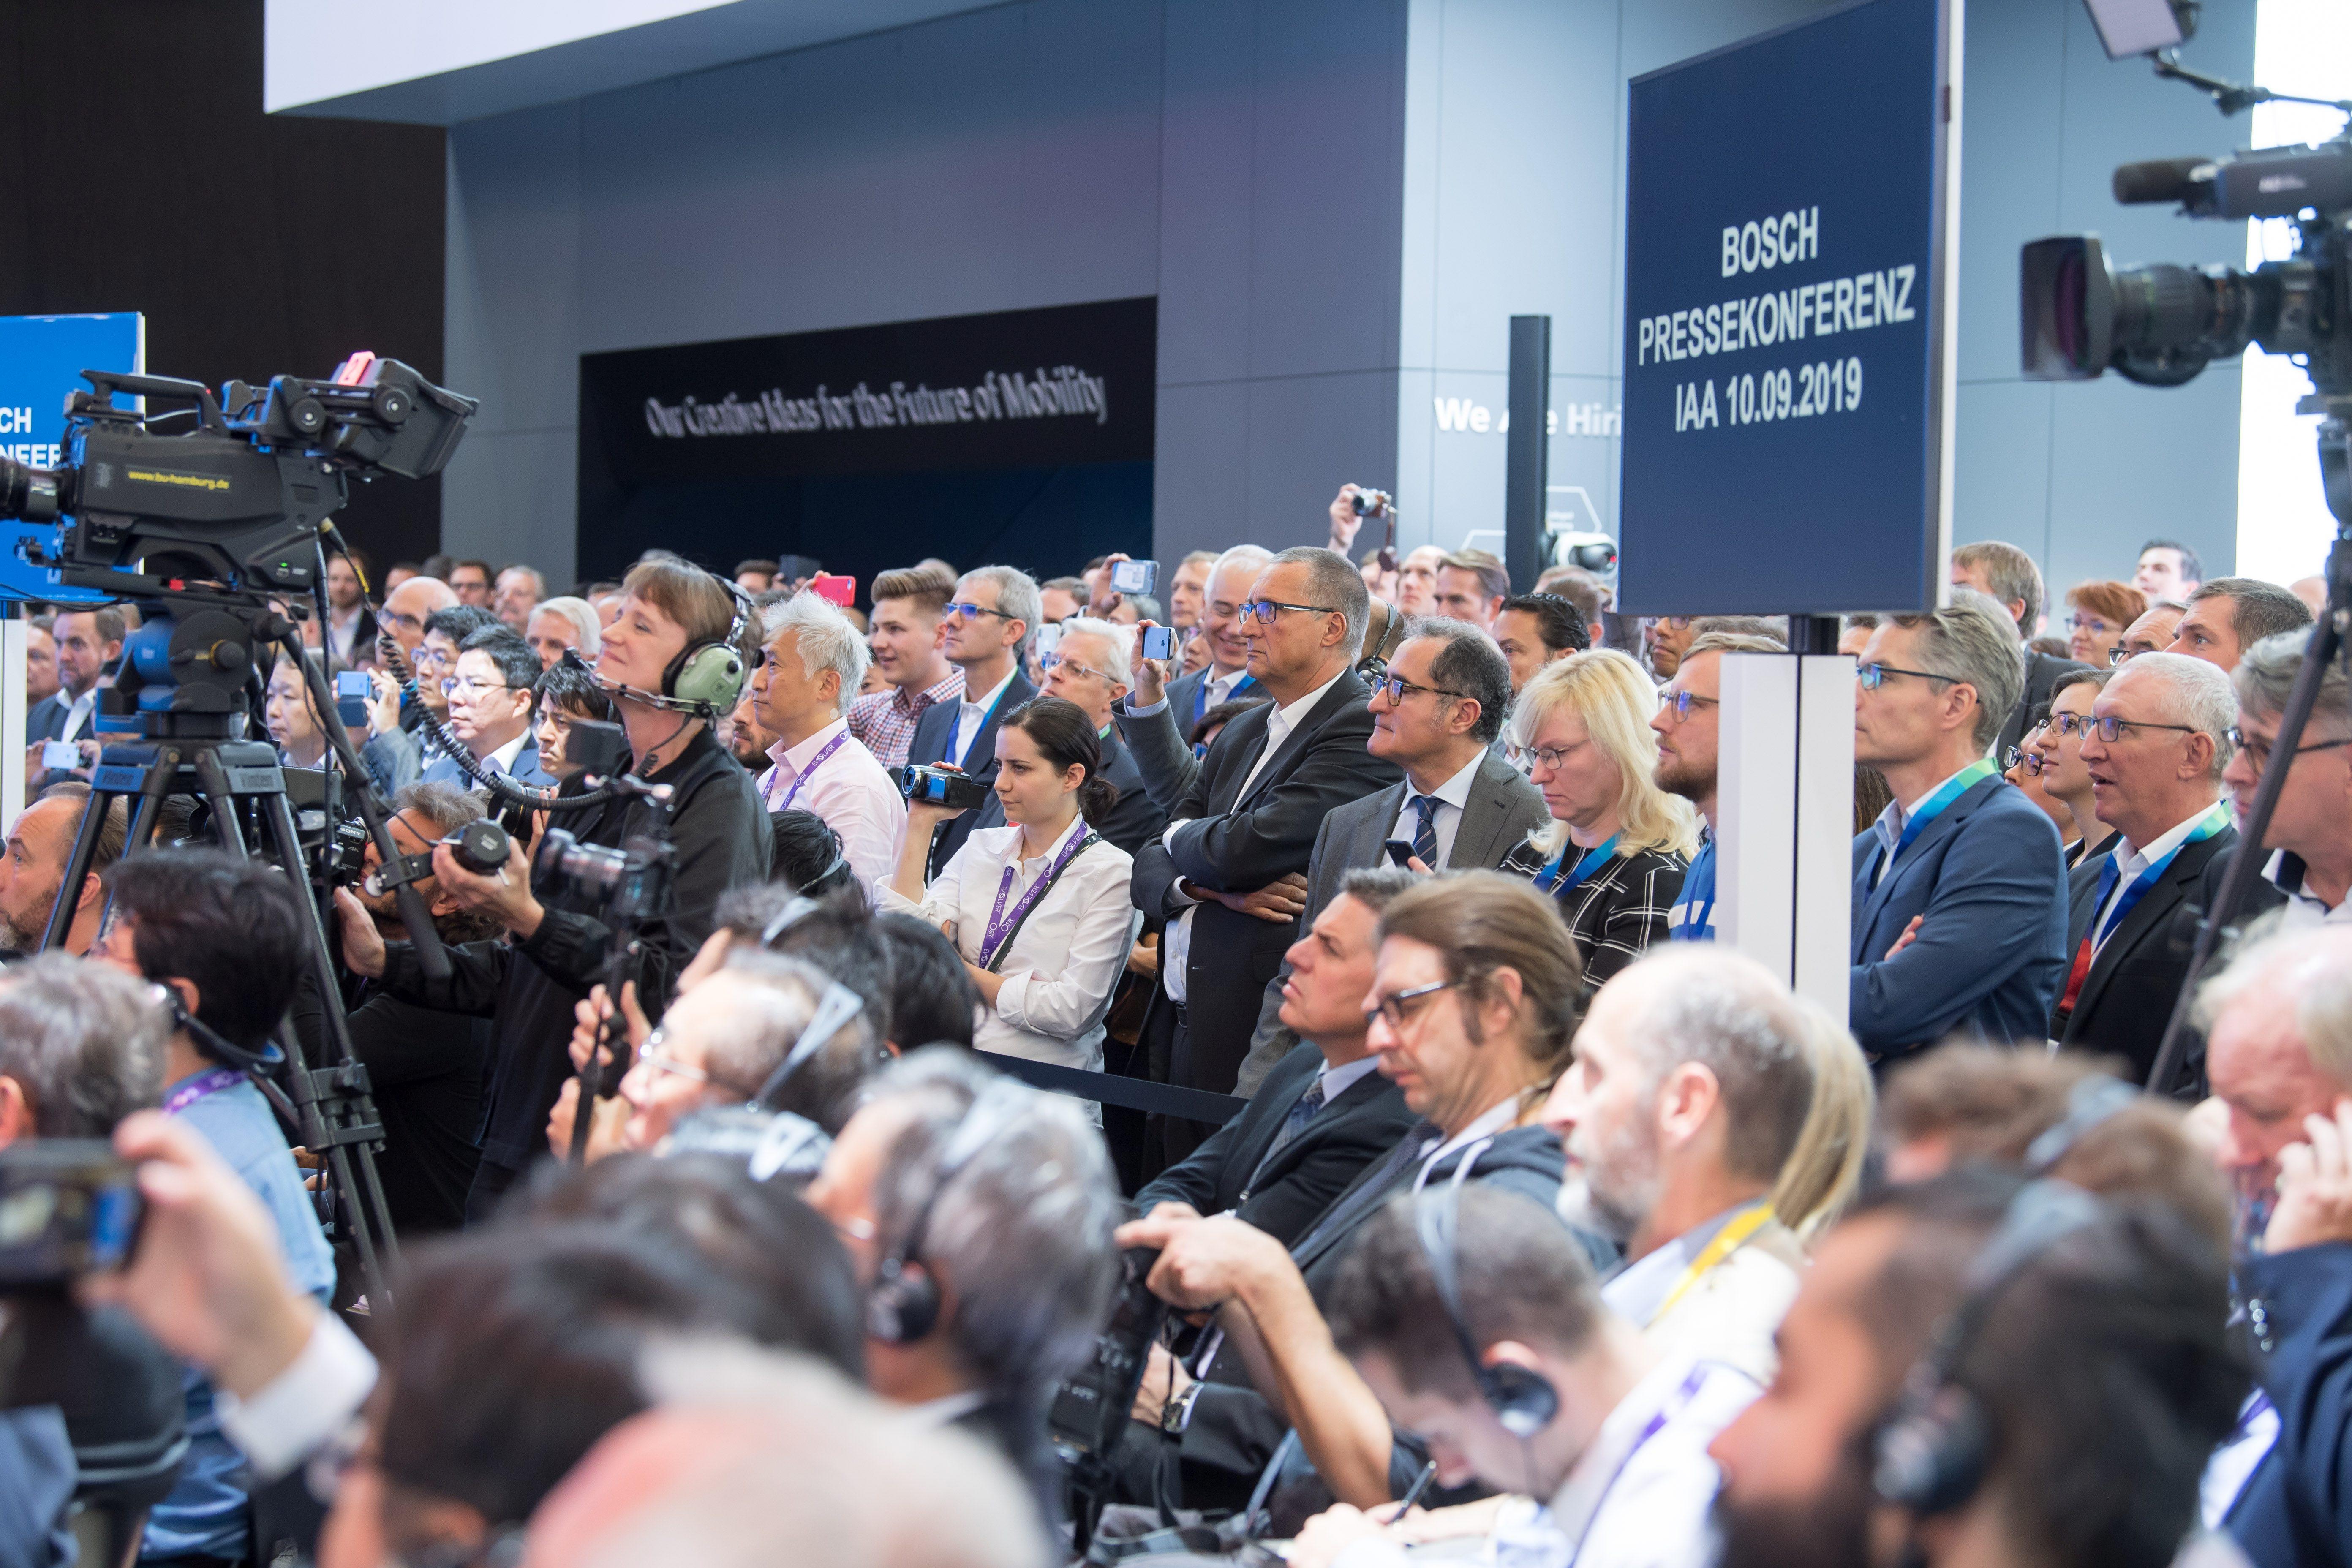 Bosch at IAA 2019